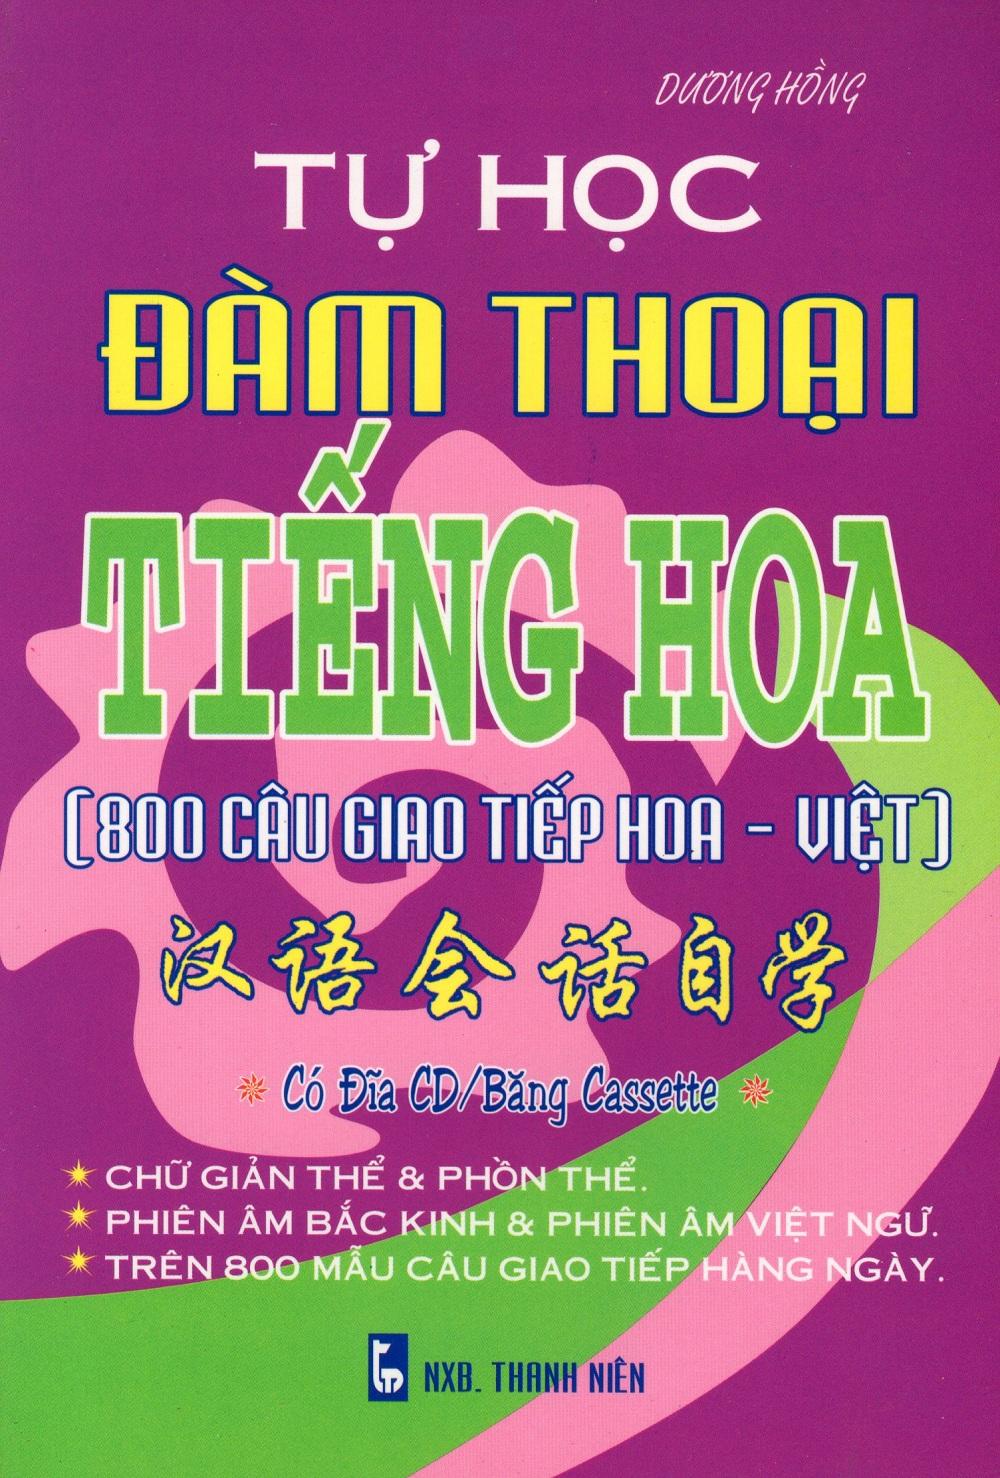 Bìa sách Tự Học Đàm Thoại Tiếng Hoa (800 Câu Giao Tiếp Hoa - Việt)